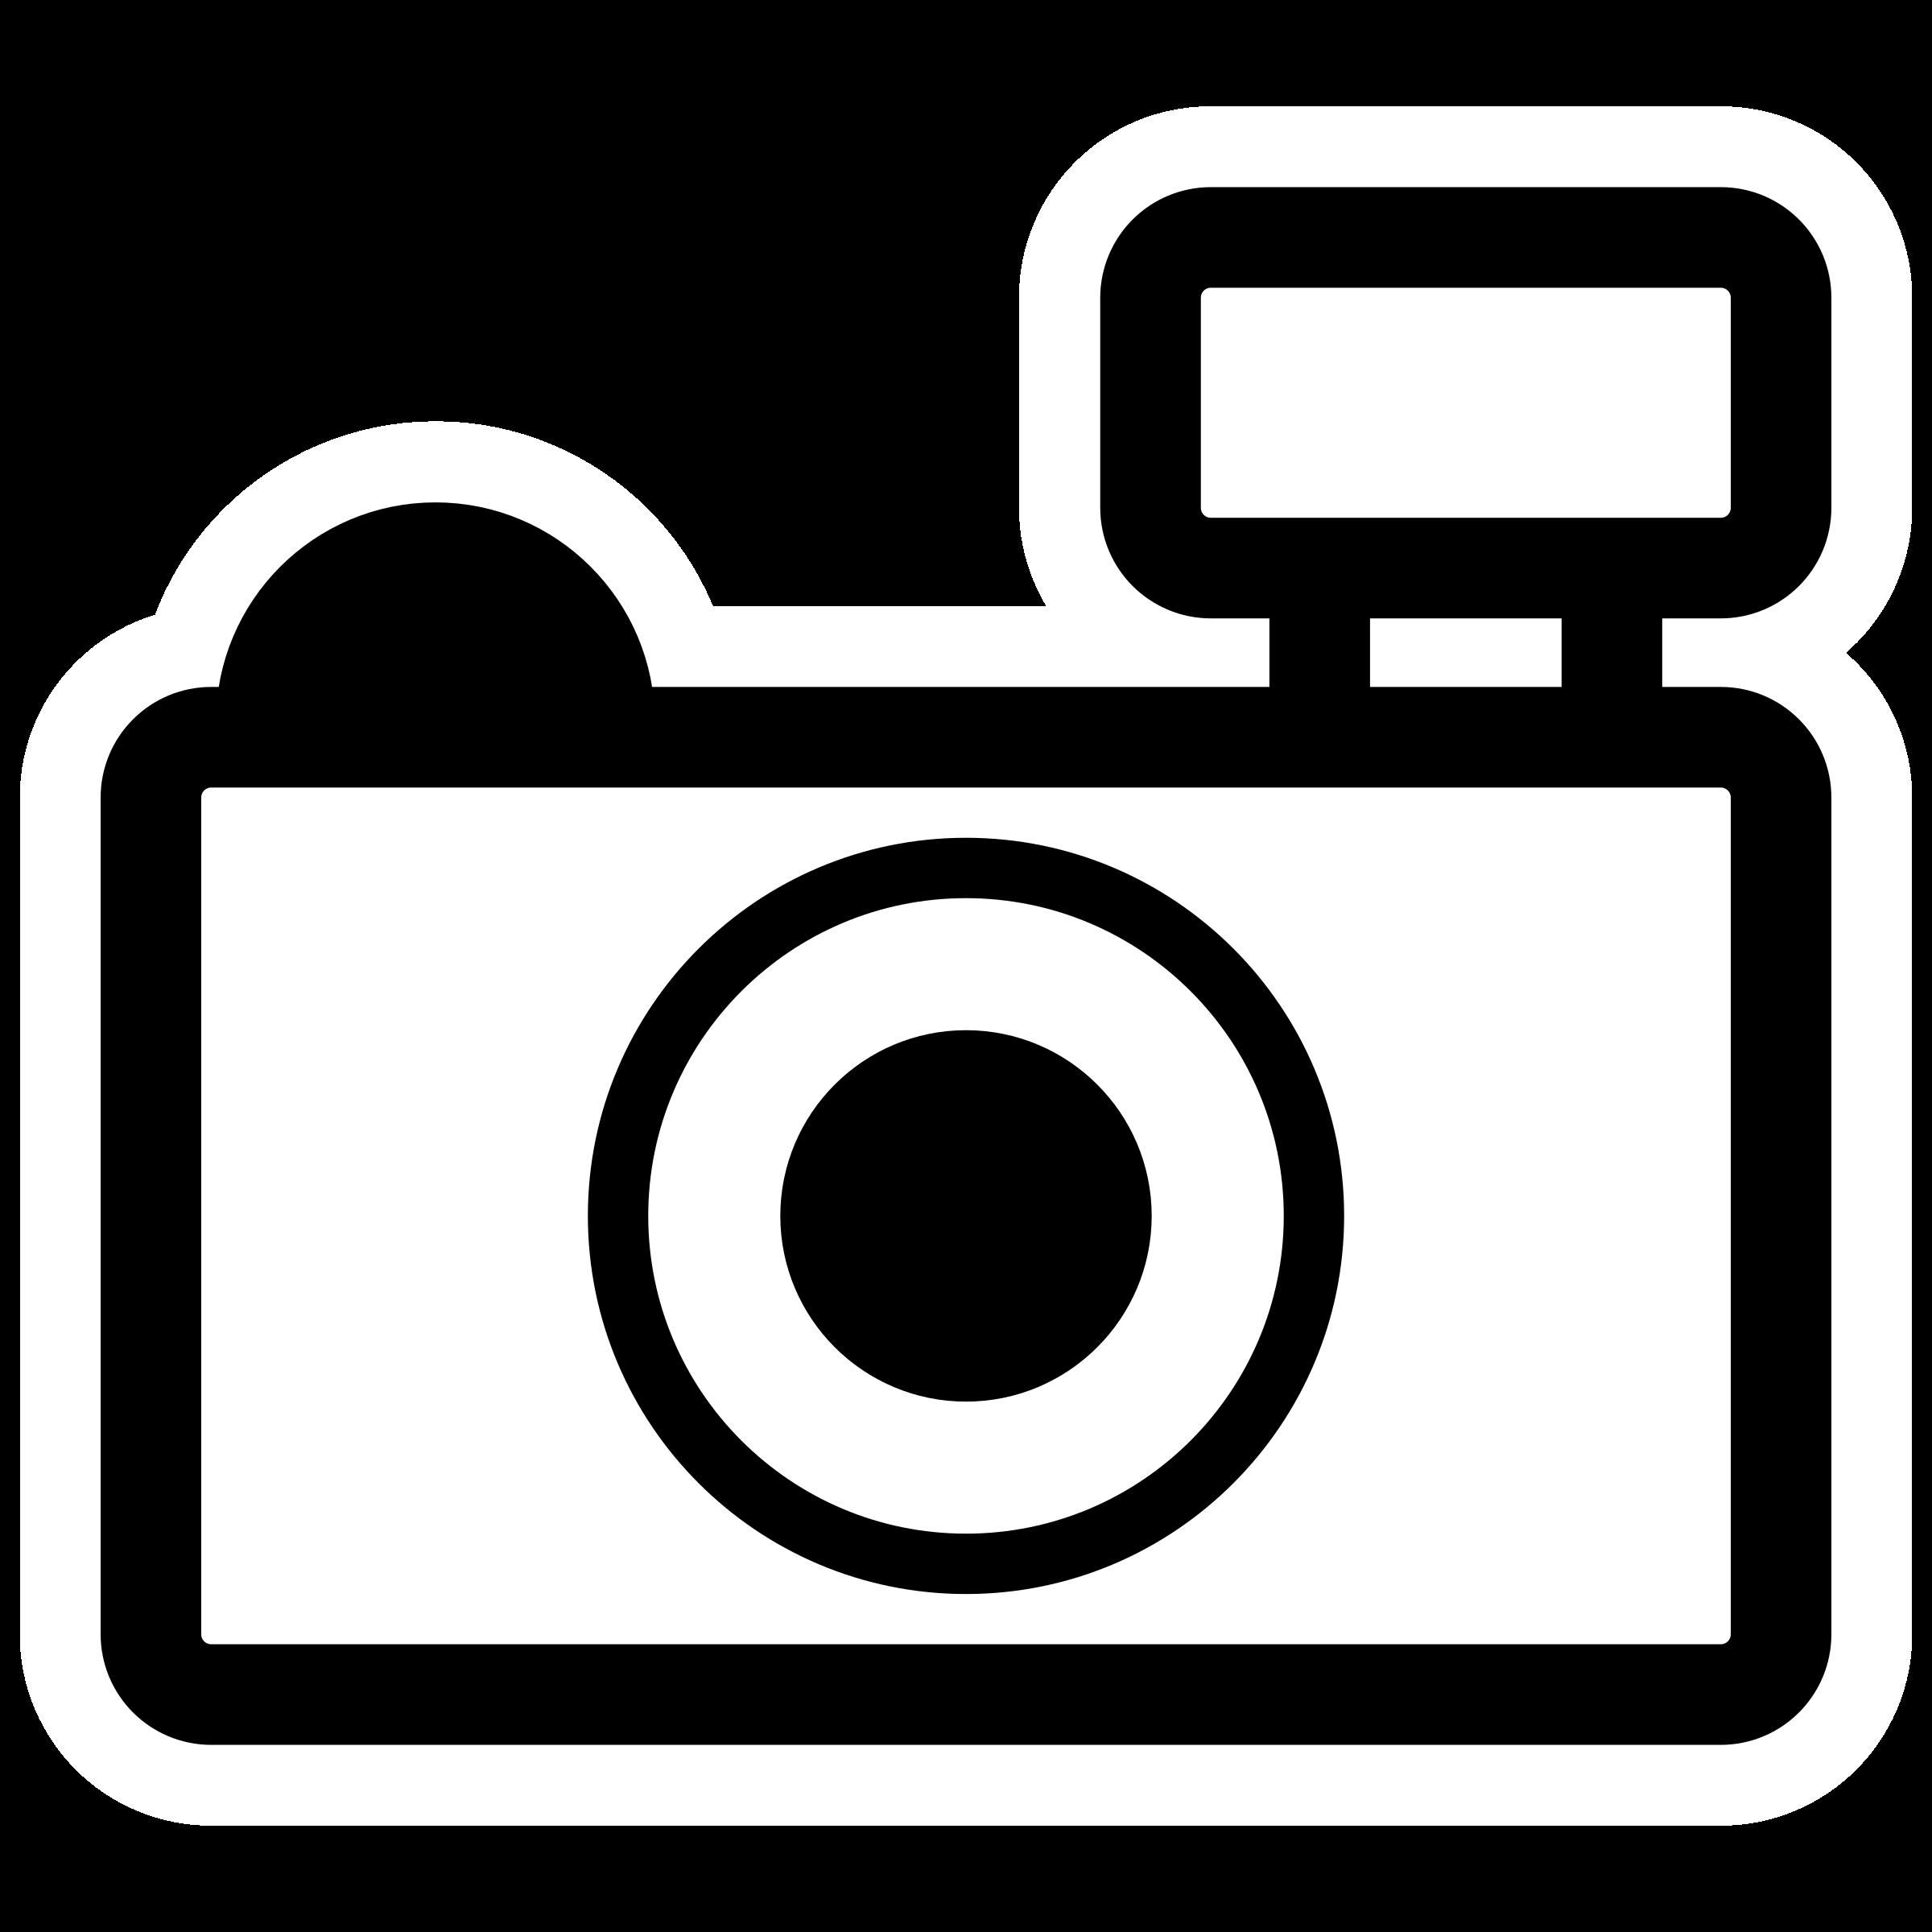 Clipart mono gtk camera